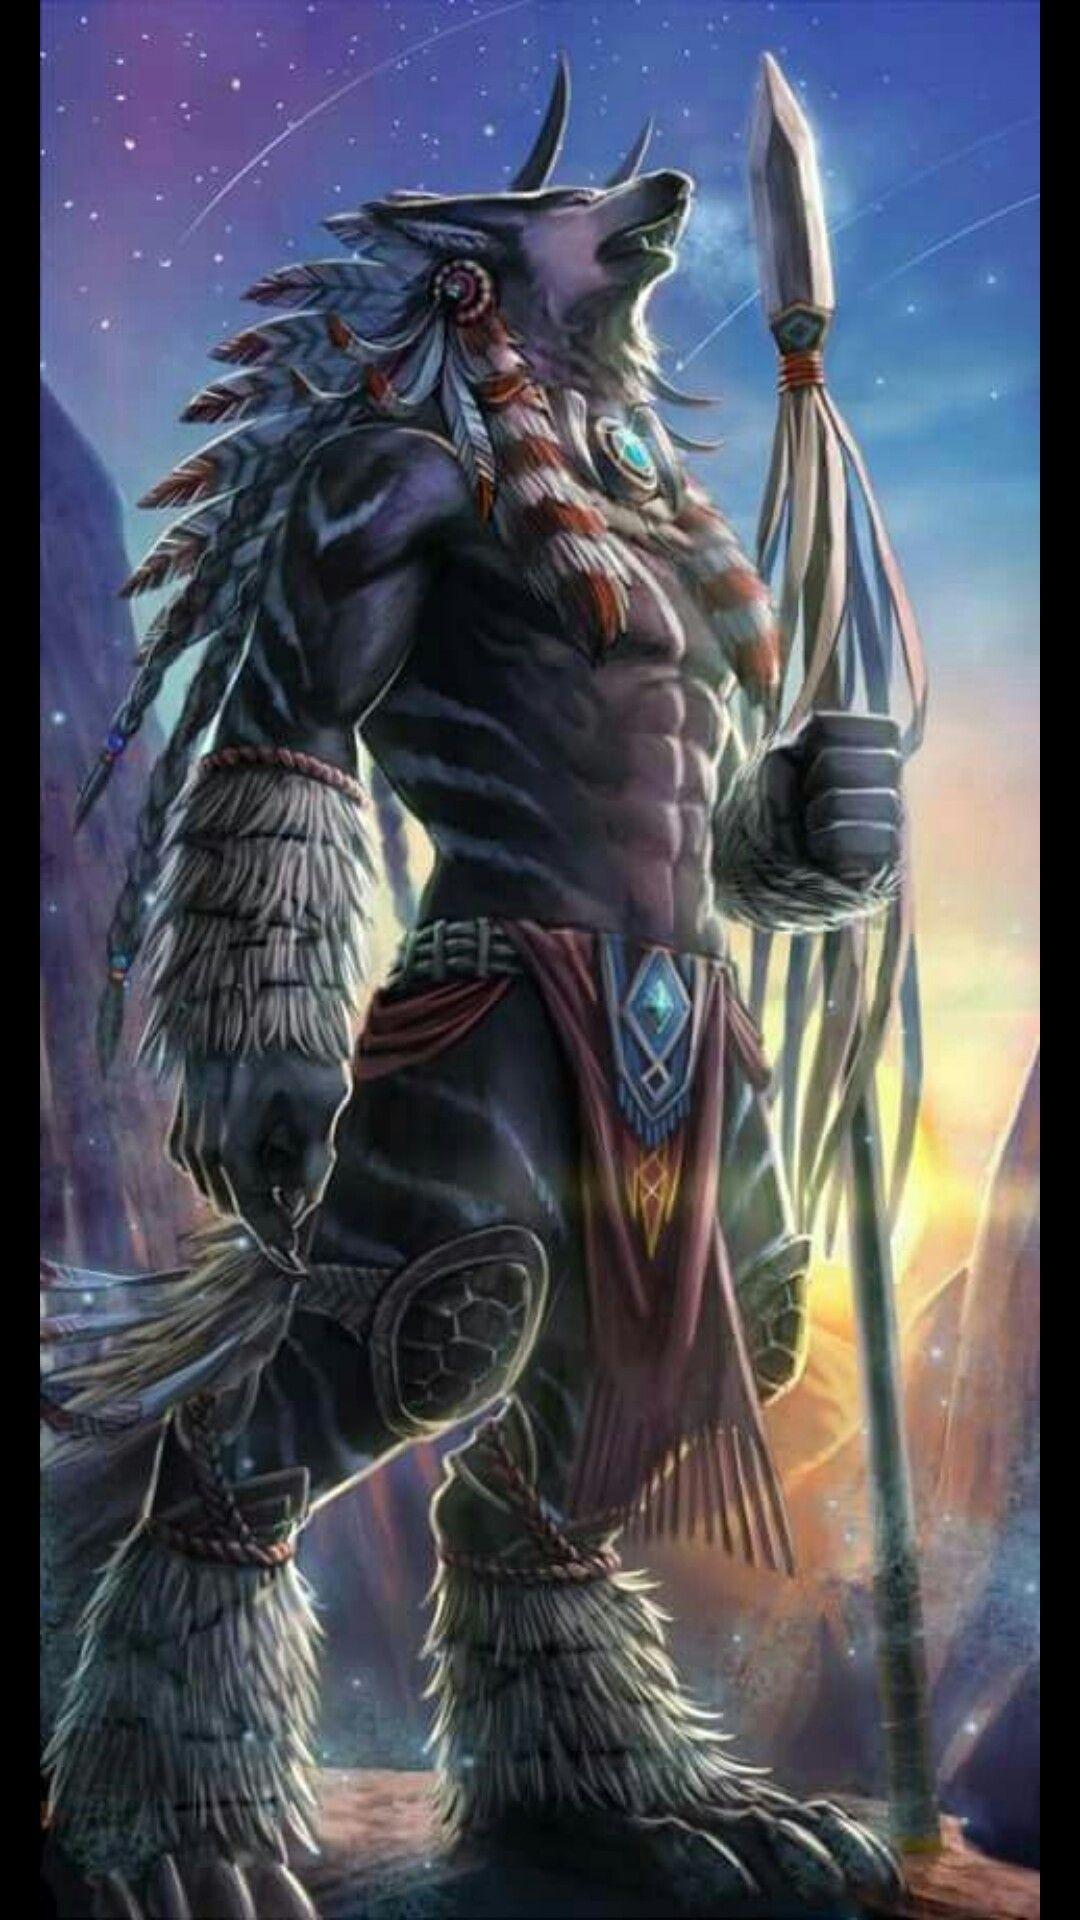 Wolf Warrior | Warrior | Pinterest | Wolf warriors, Wolf ... - photo#29